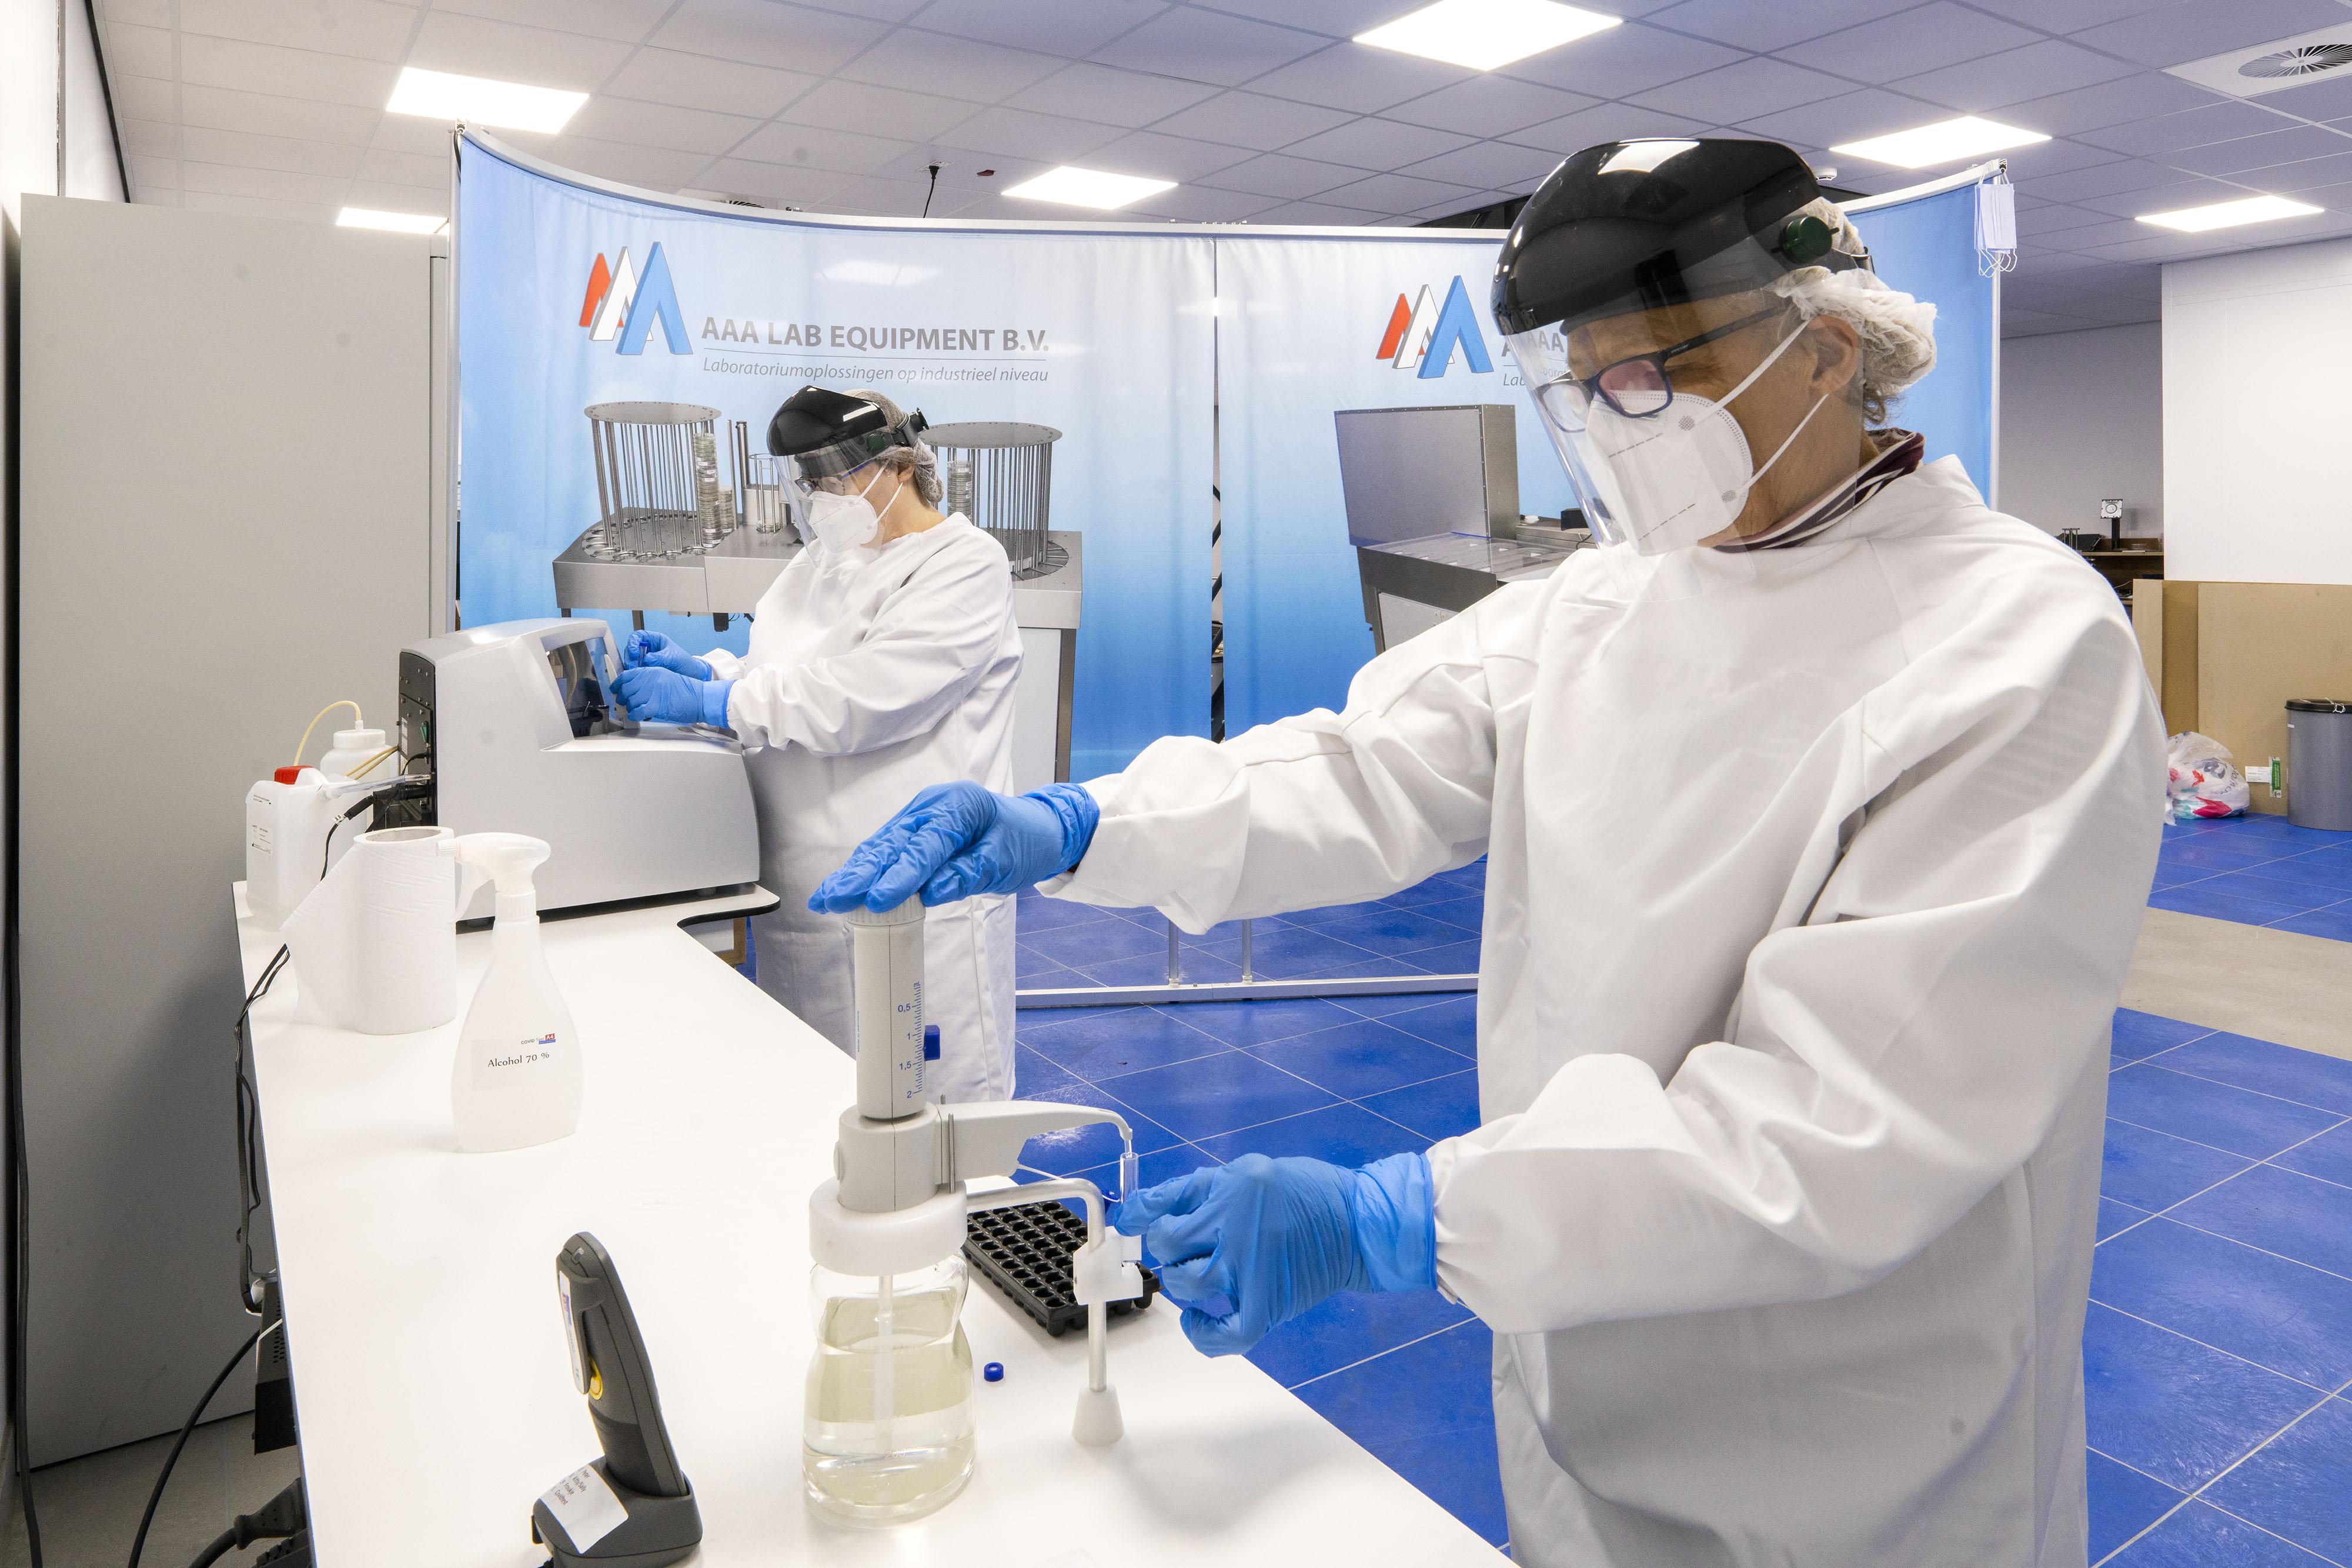 GGD Hollands Midden waarschuwt voor commerciële teststraten: 'Ook vraagtekens bij Veense teststraat'